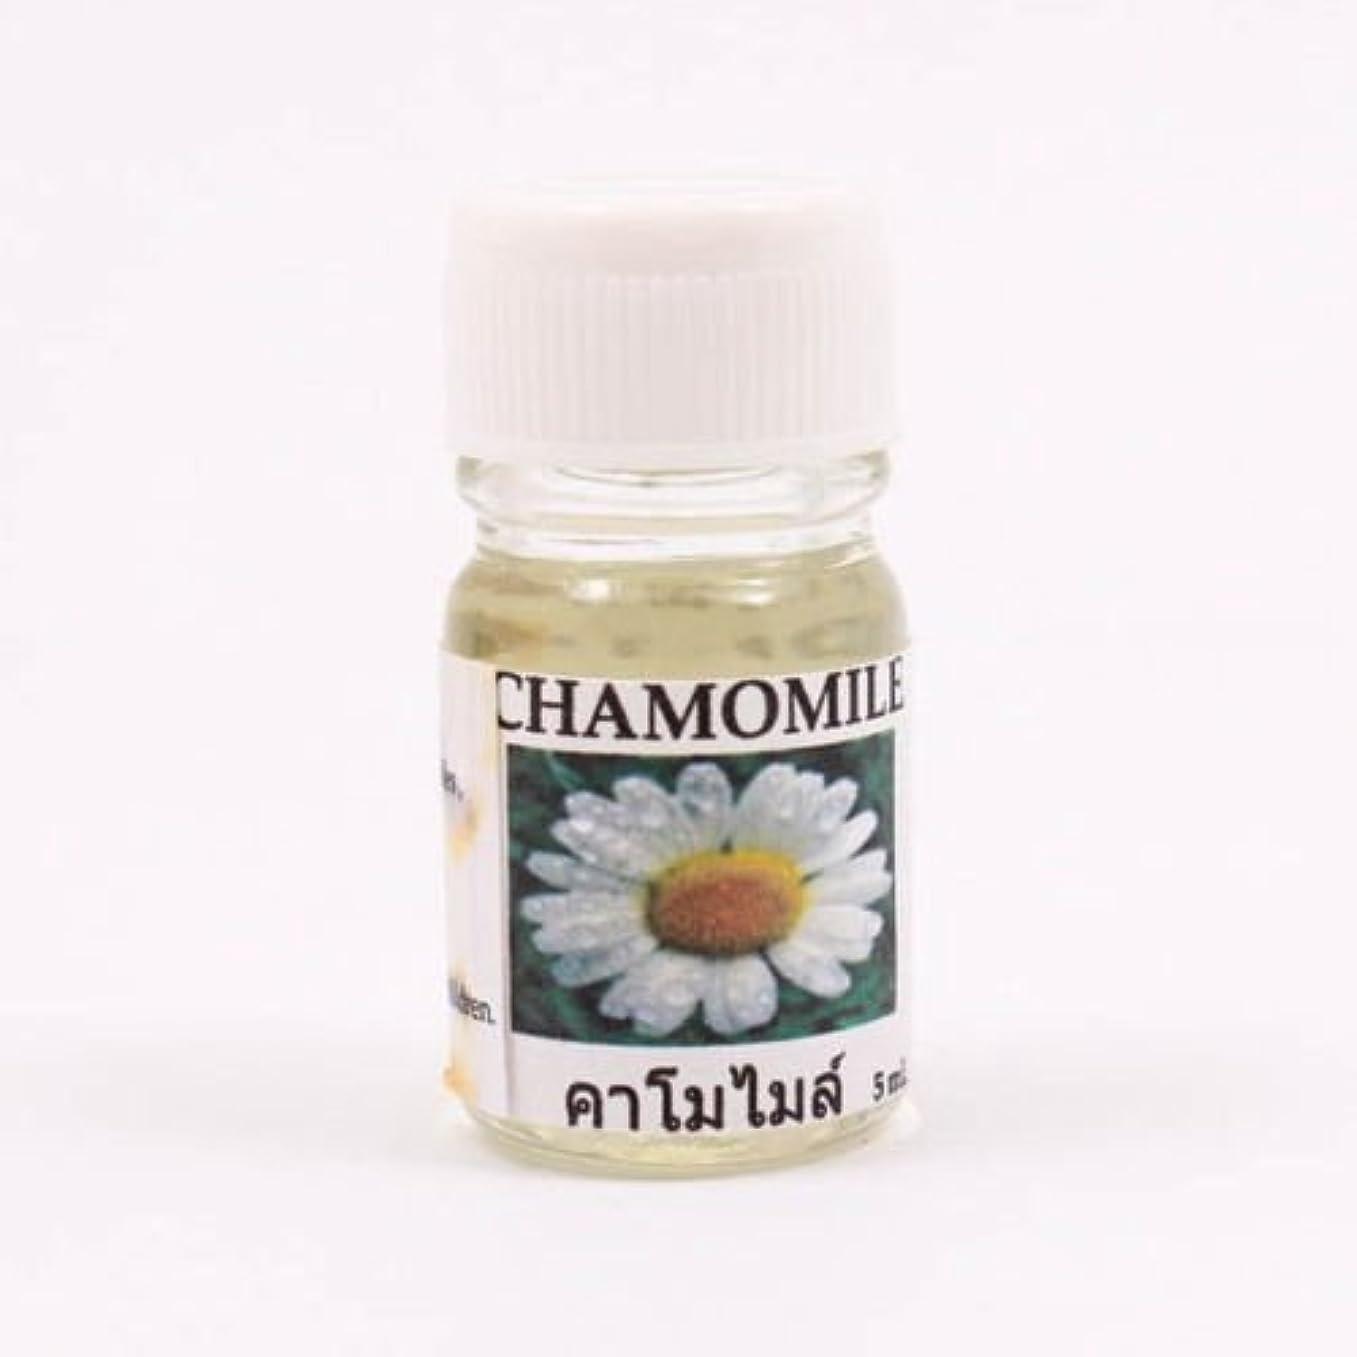 スーパーマーケット配当意味のある6X Chamomile Aroma Fragrance Essential Oil 5ML. cc Diffuser Burner Therapy